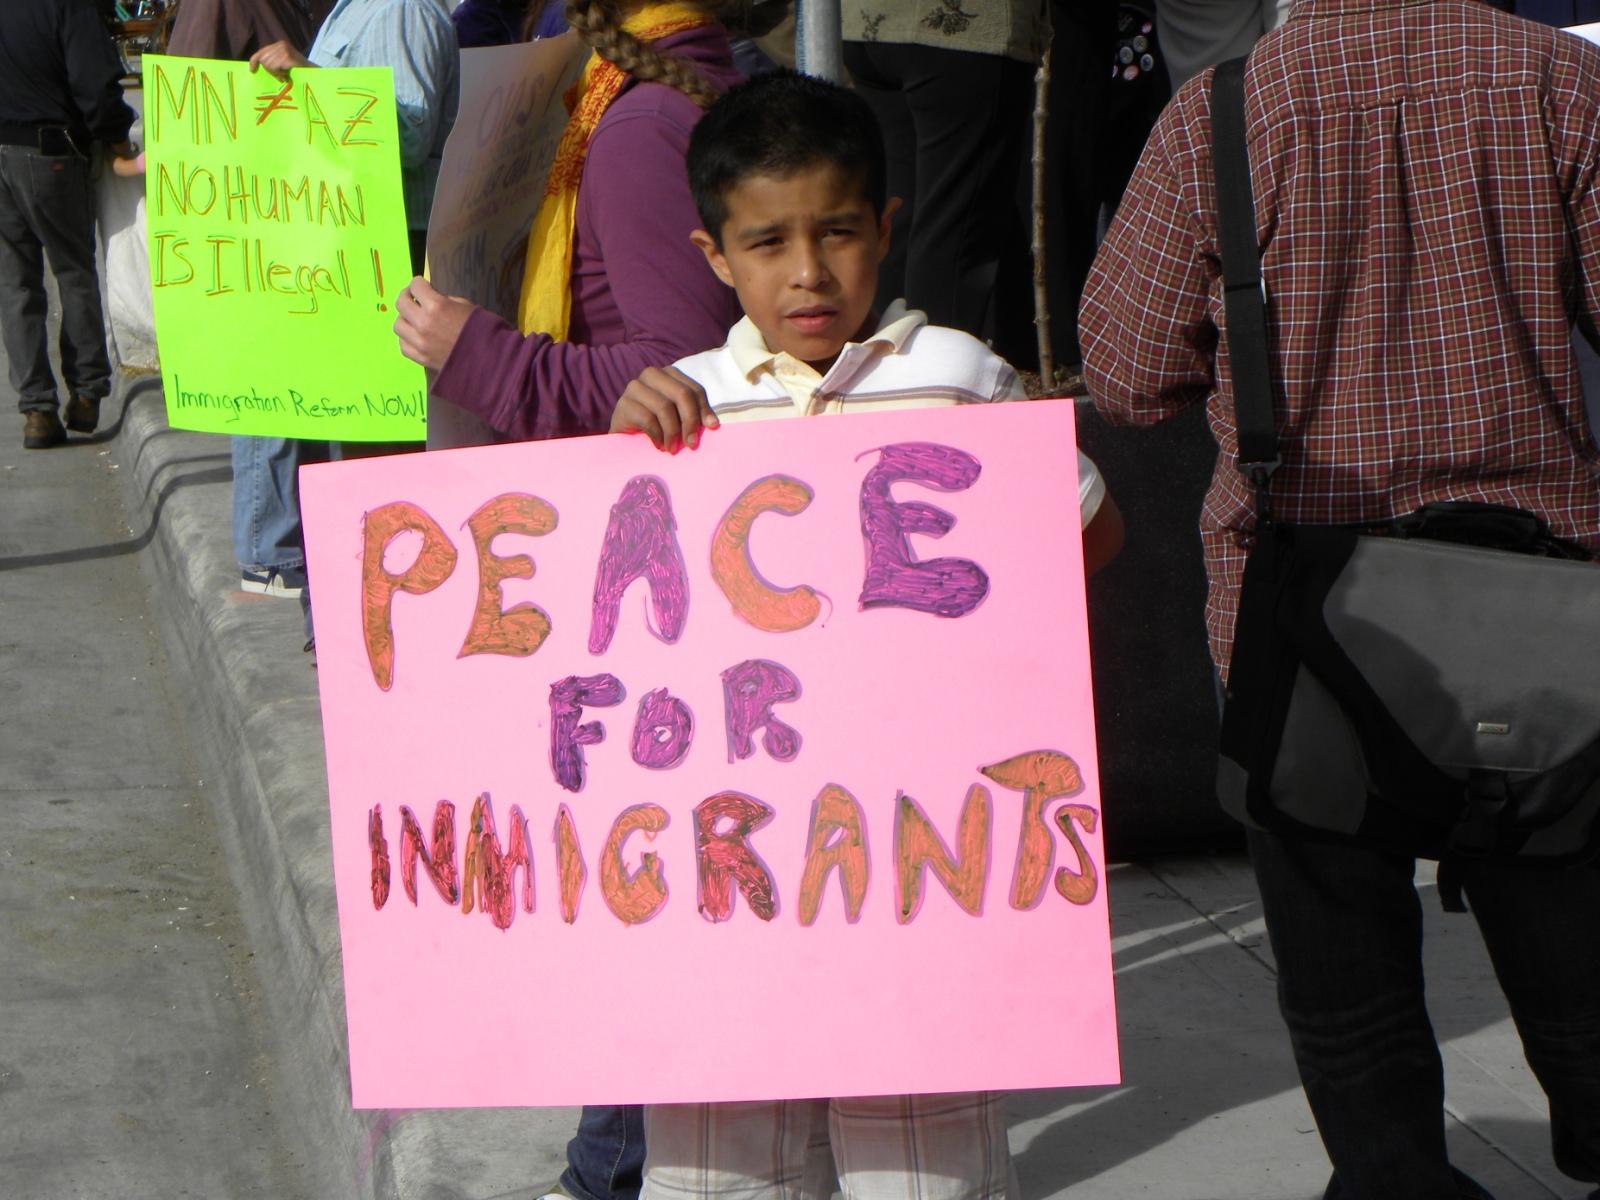 Pomôcť, či nepomôcť imigrantom? Hrozí nám nebezpečenstvo?!